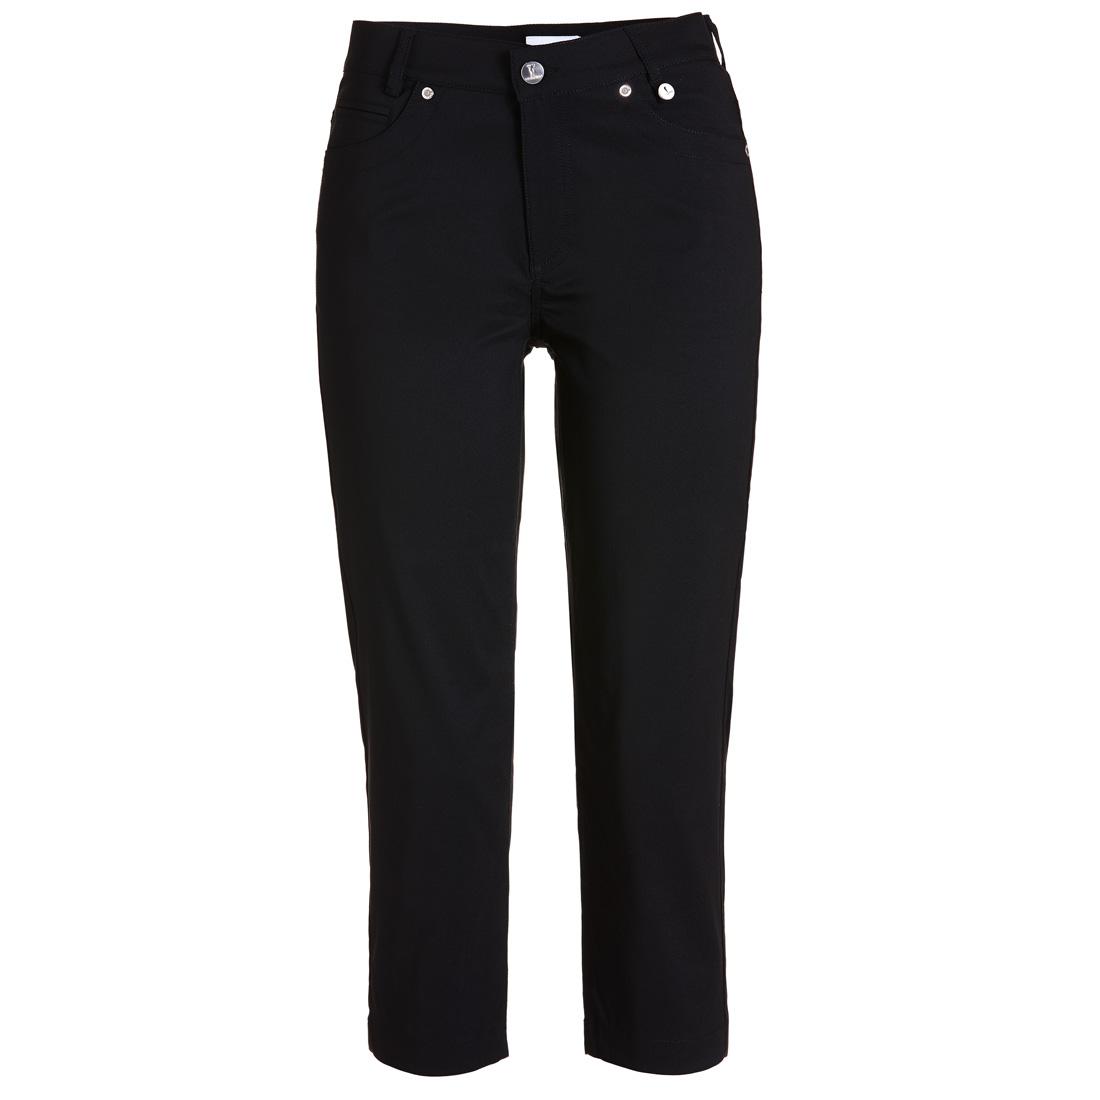 5-pocket golf Capri pants in techno stretch in slim fit